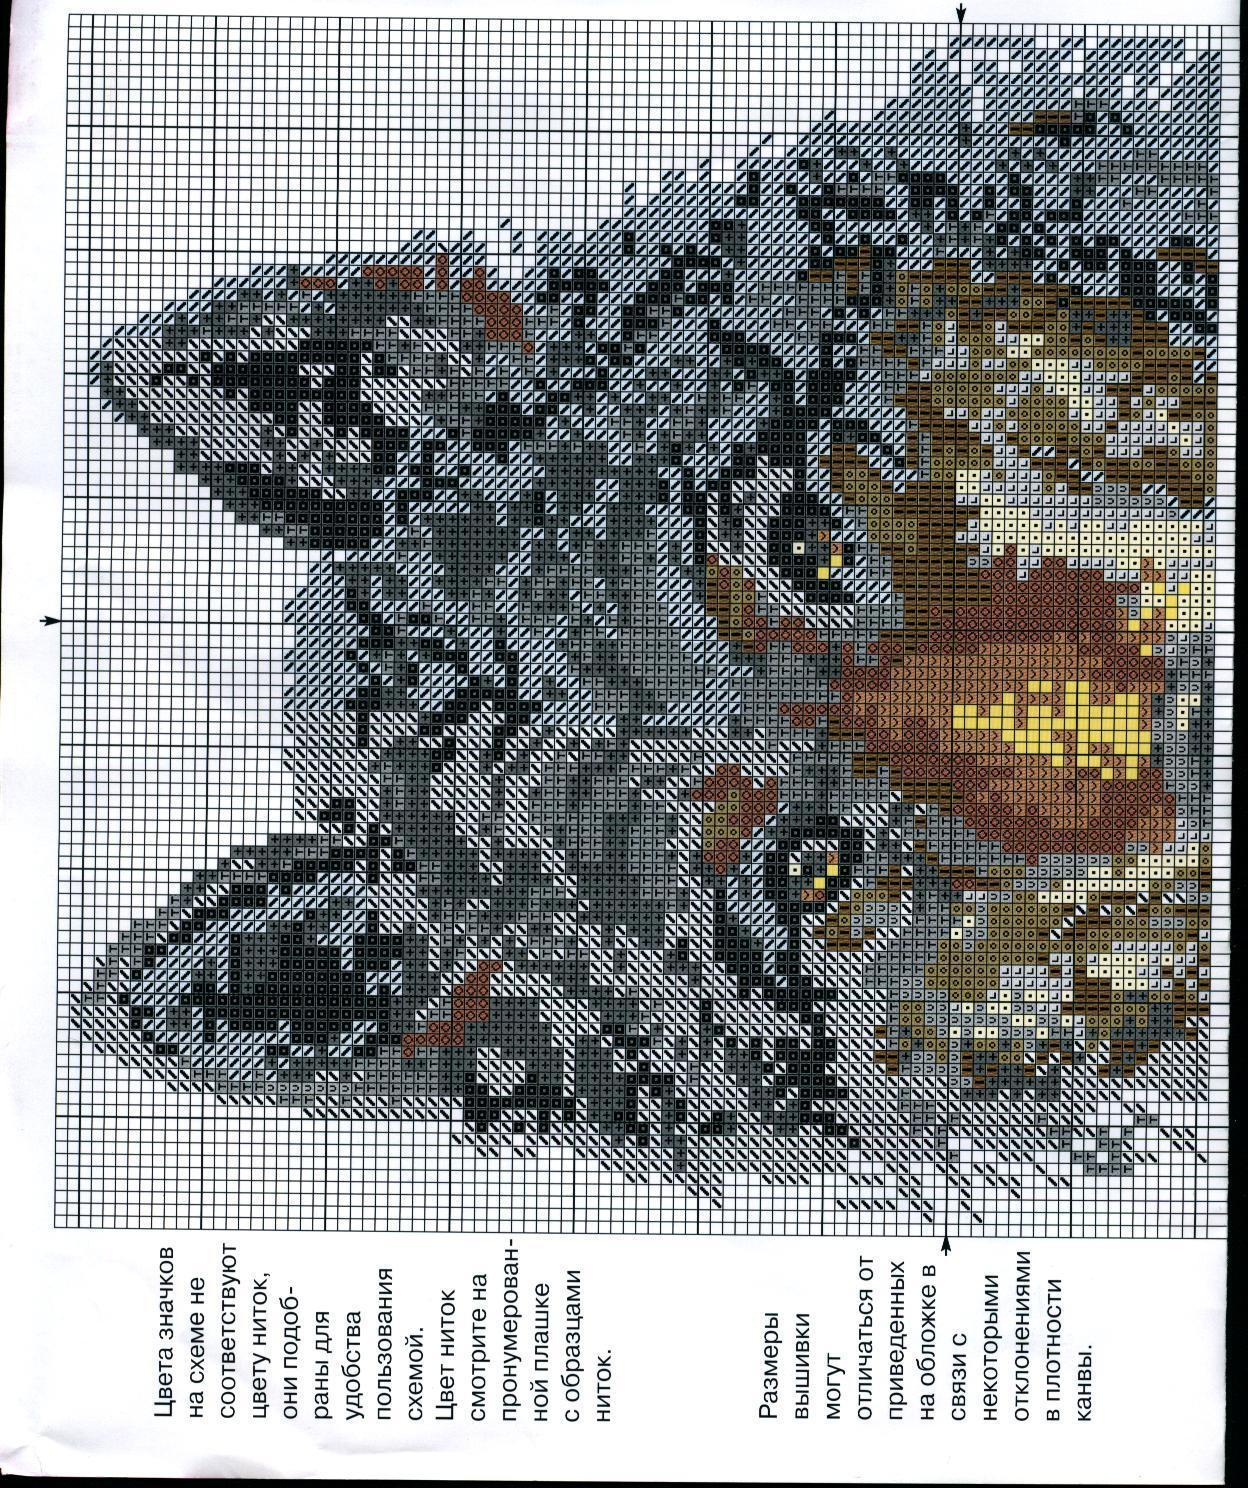 Вышивка крестиками схемы волки 822